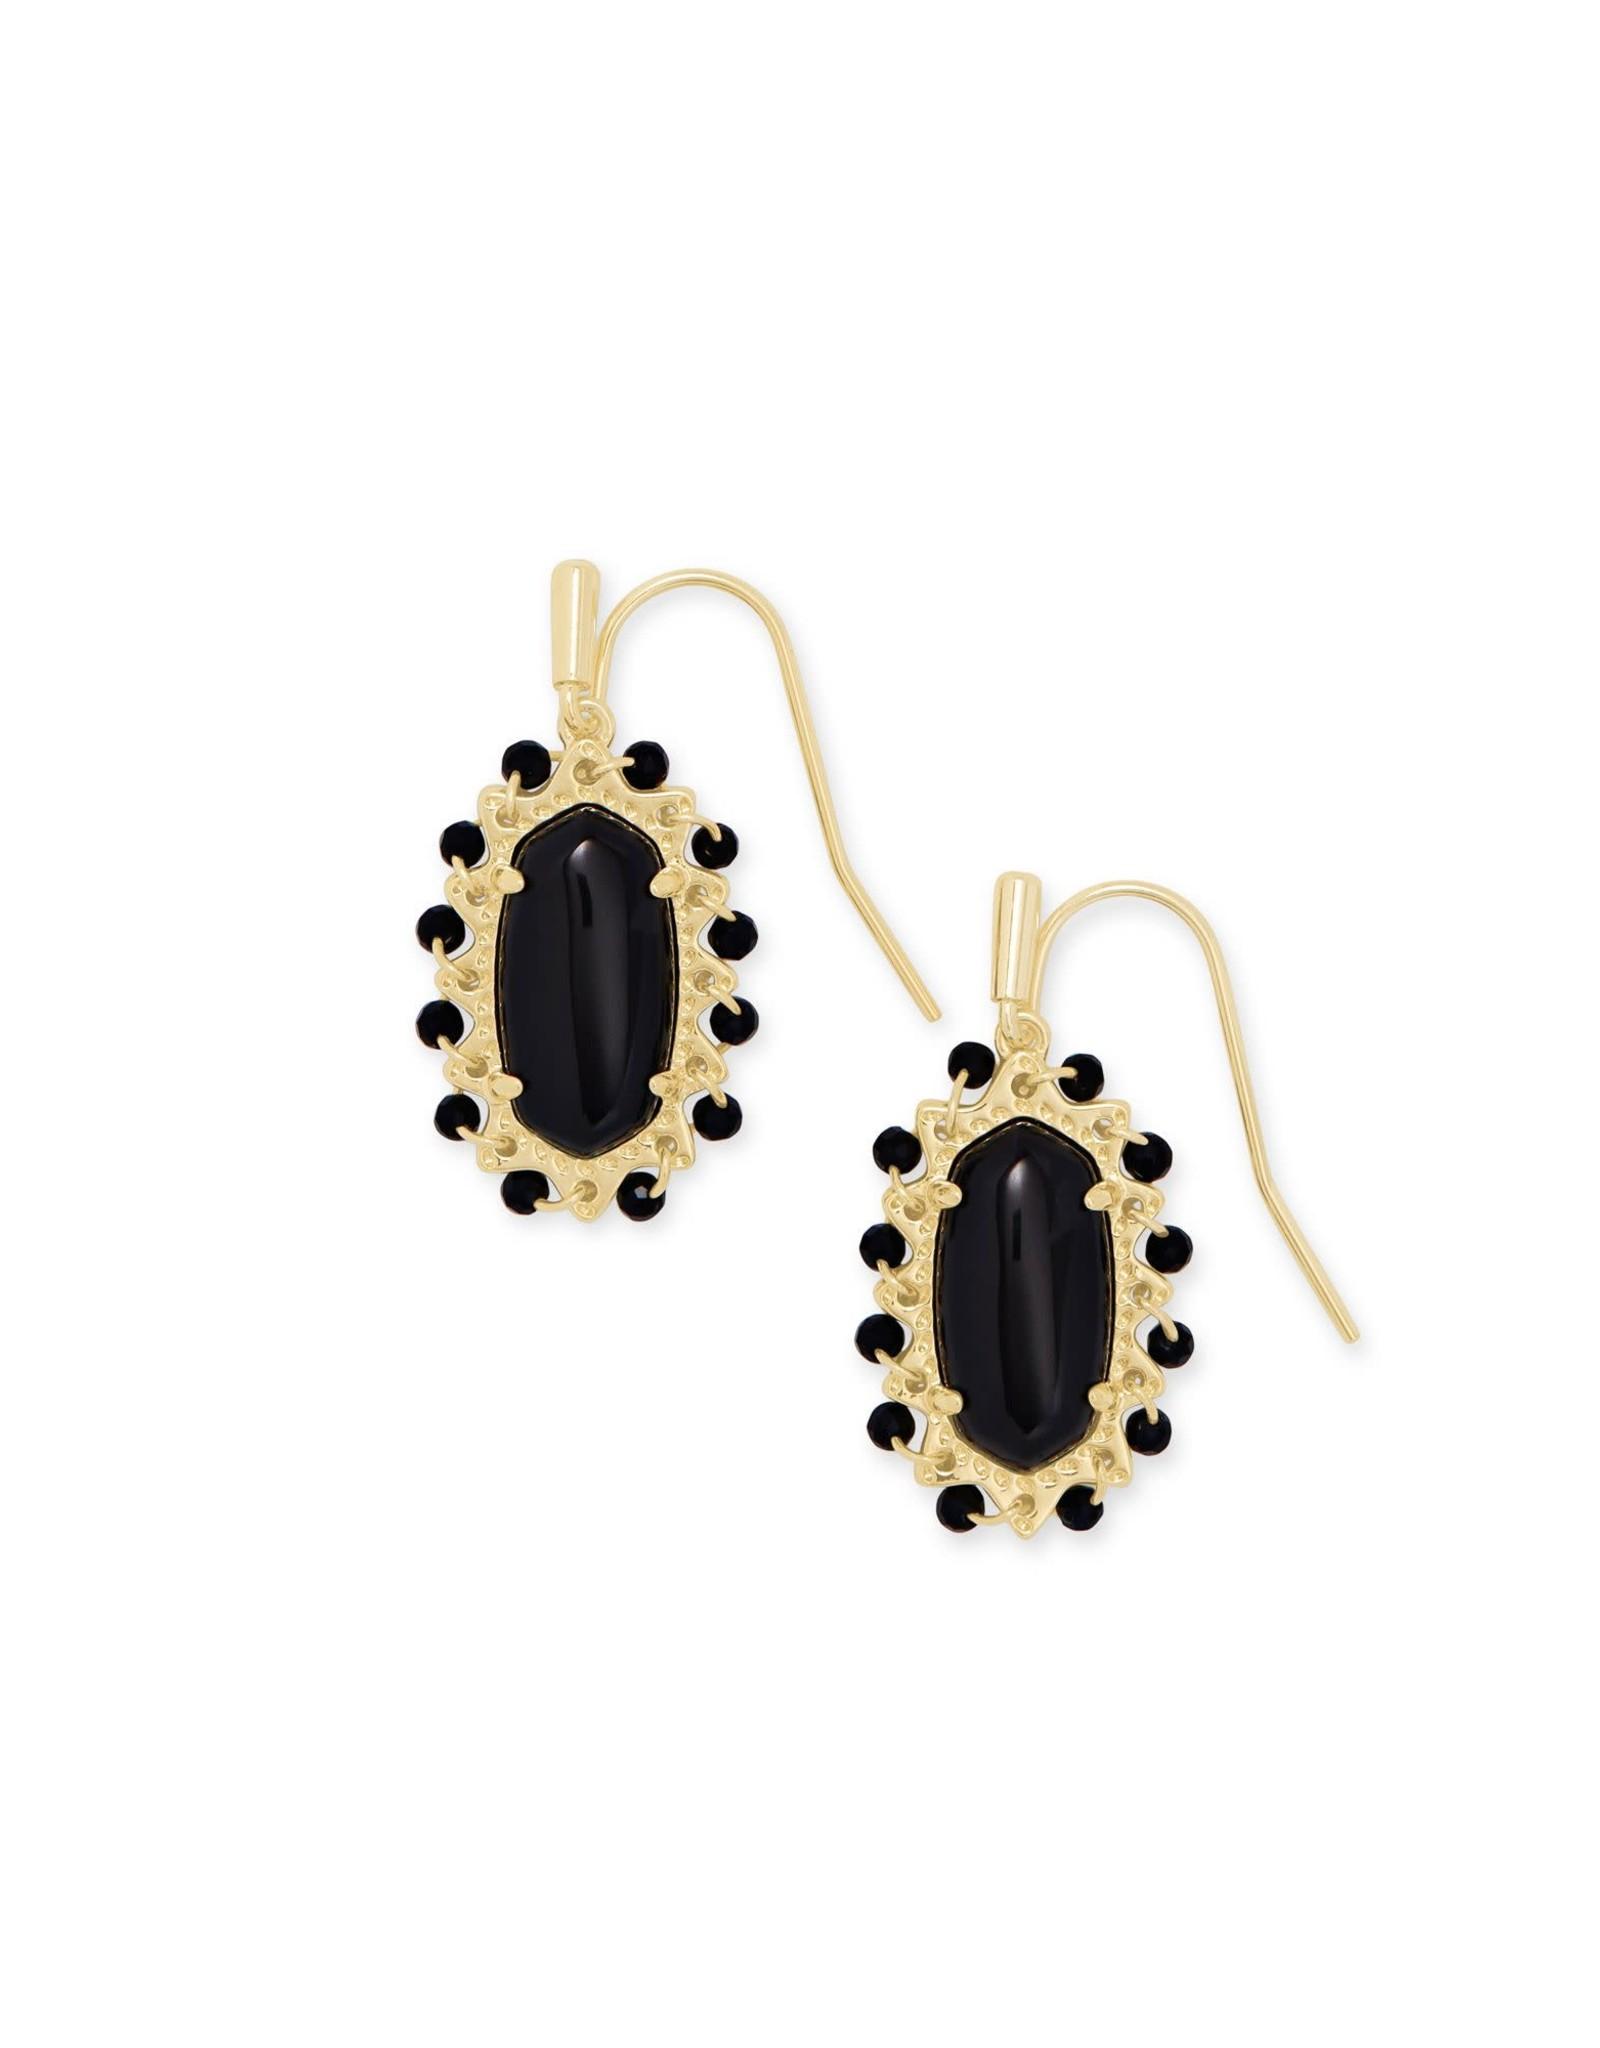 Kendra Scott Beaded Lee Drop Earring - Black Obsidian/Gold